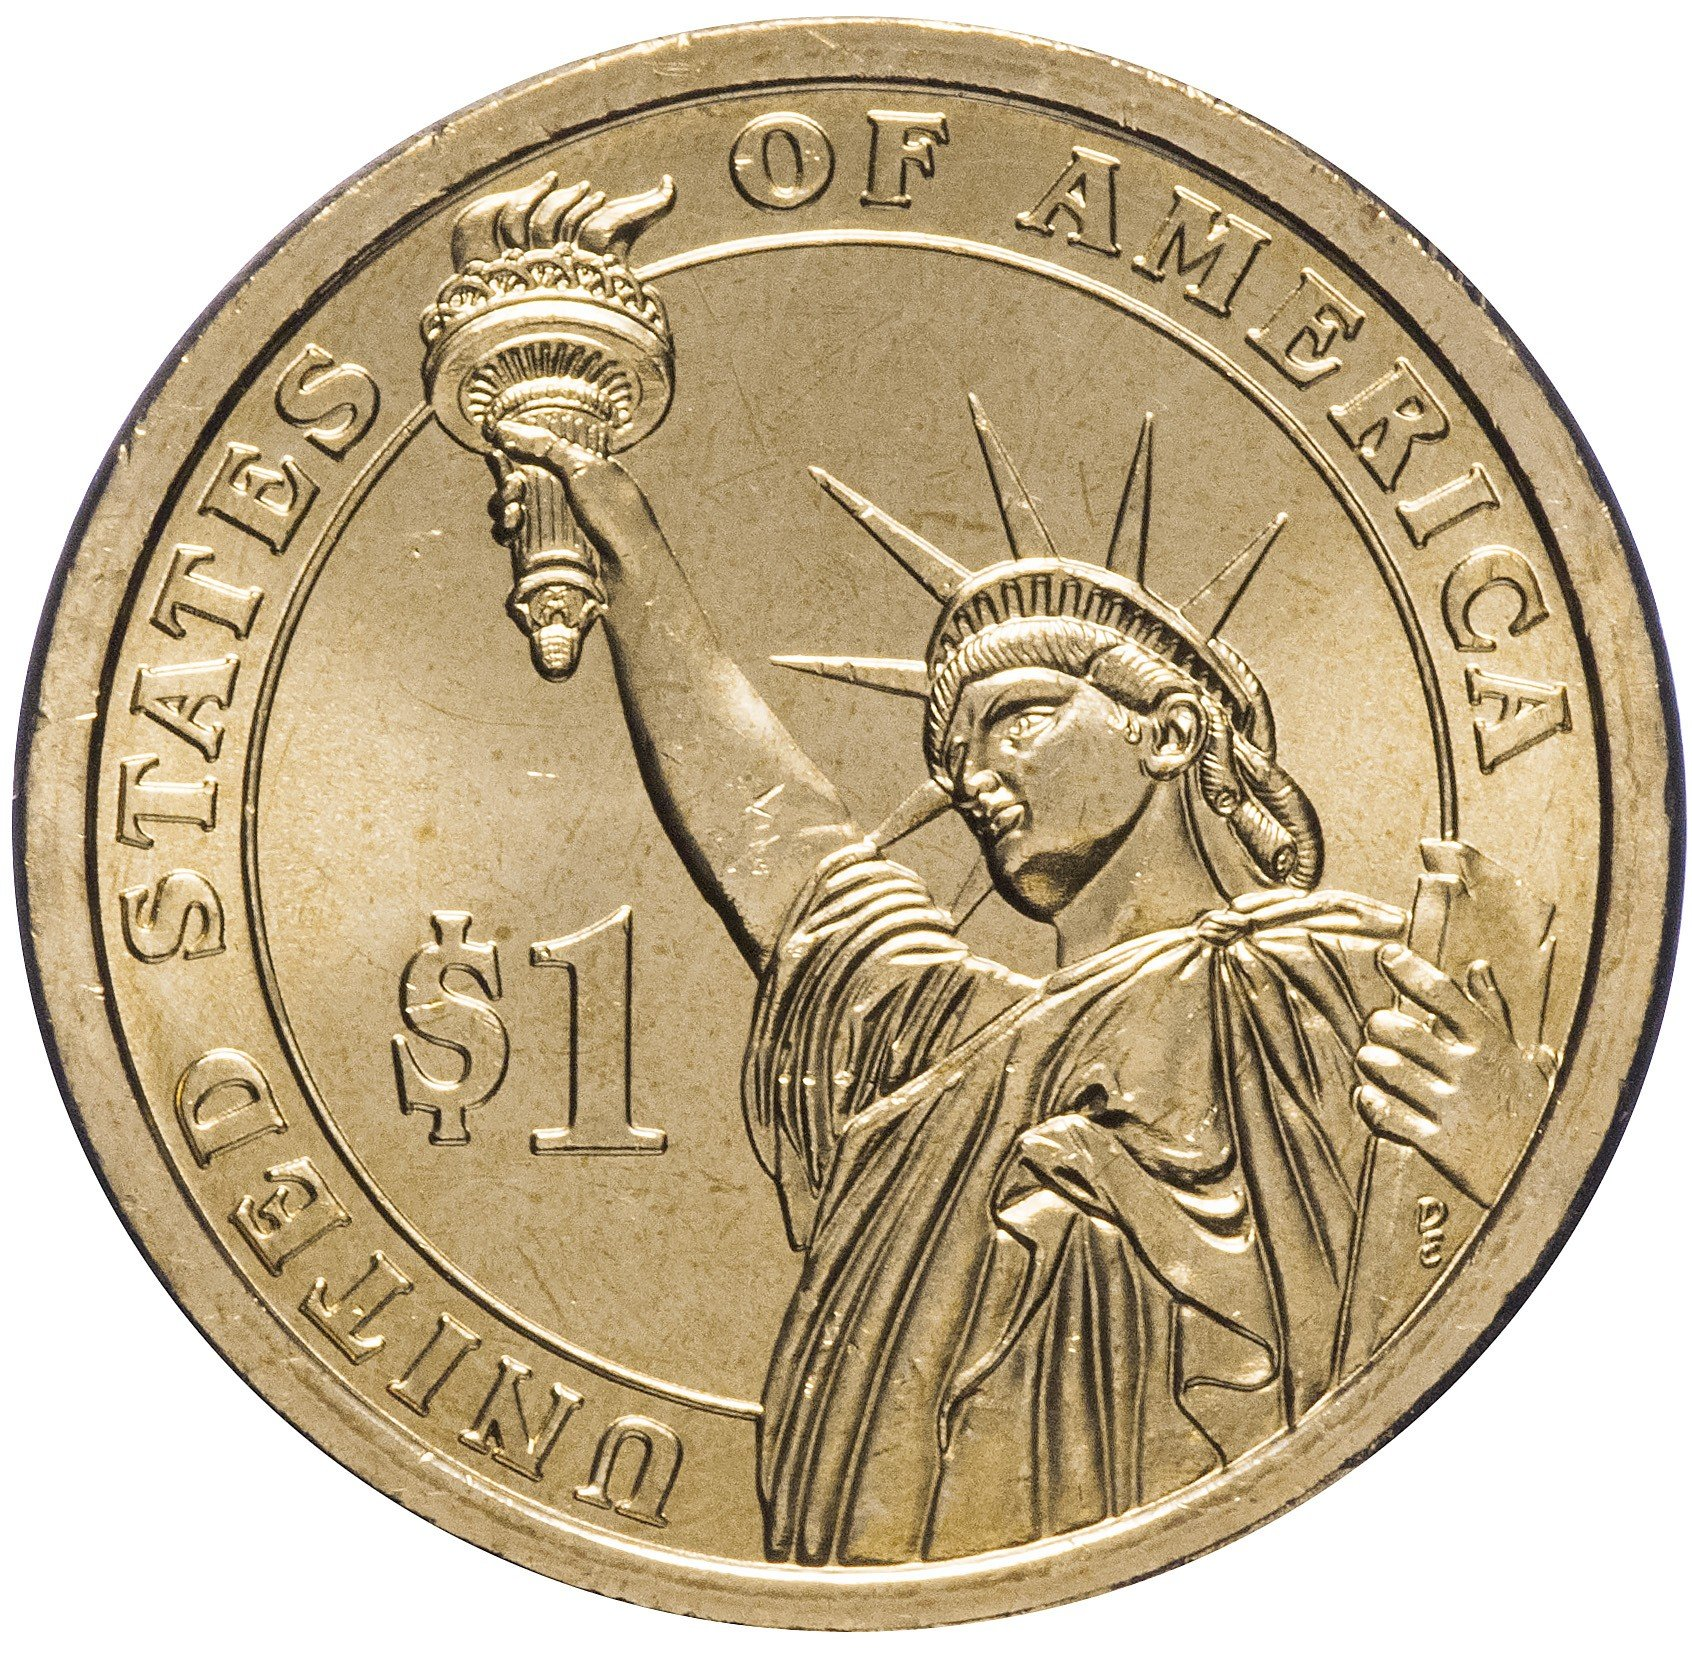 товар американские монеты фото варьировать внешний вид